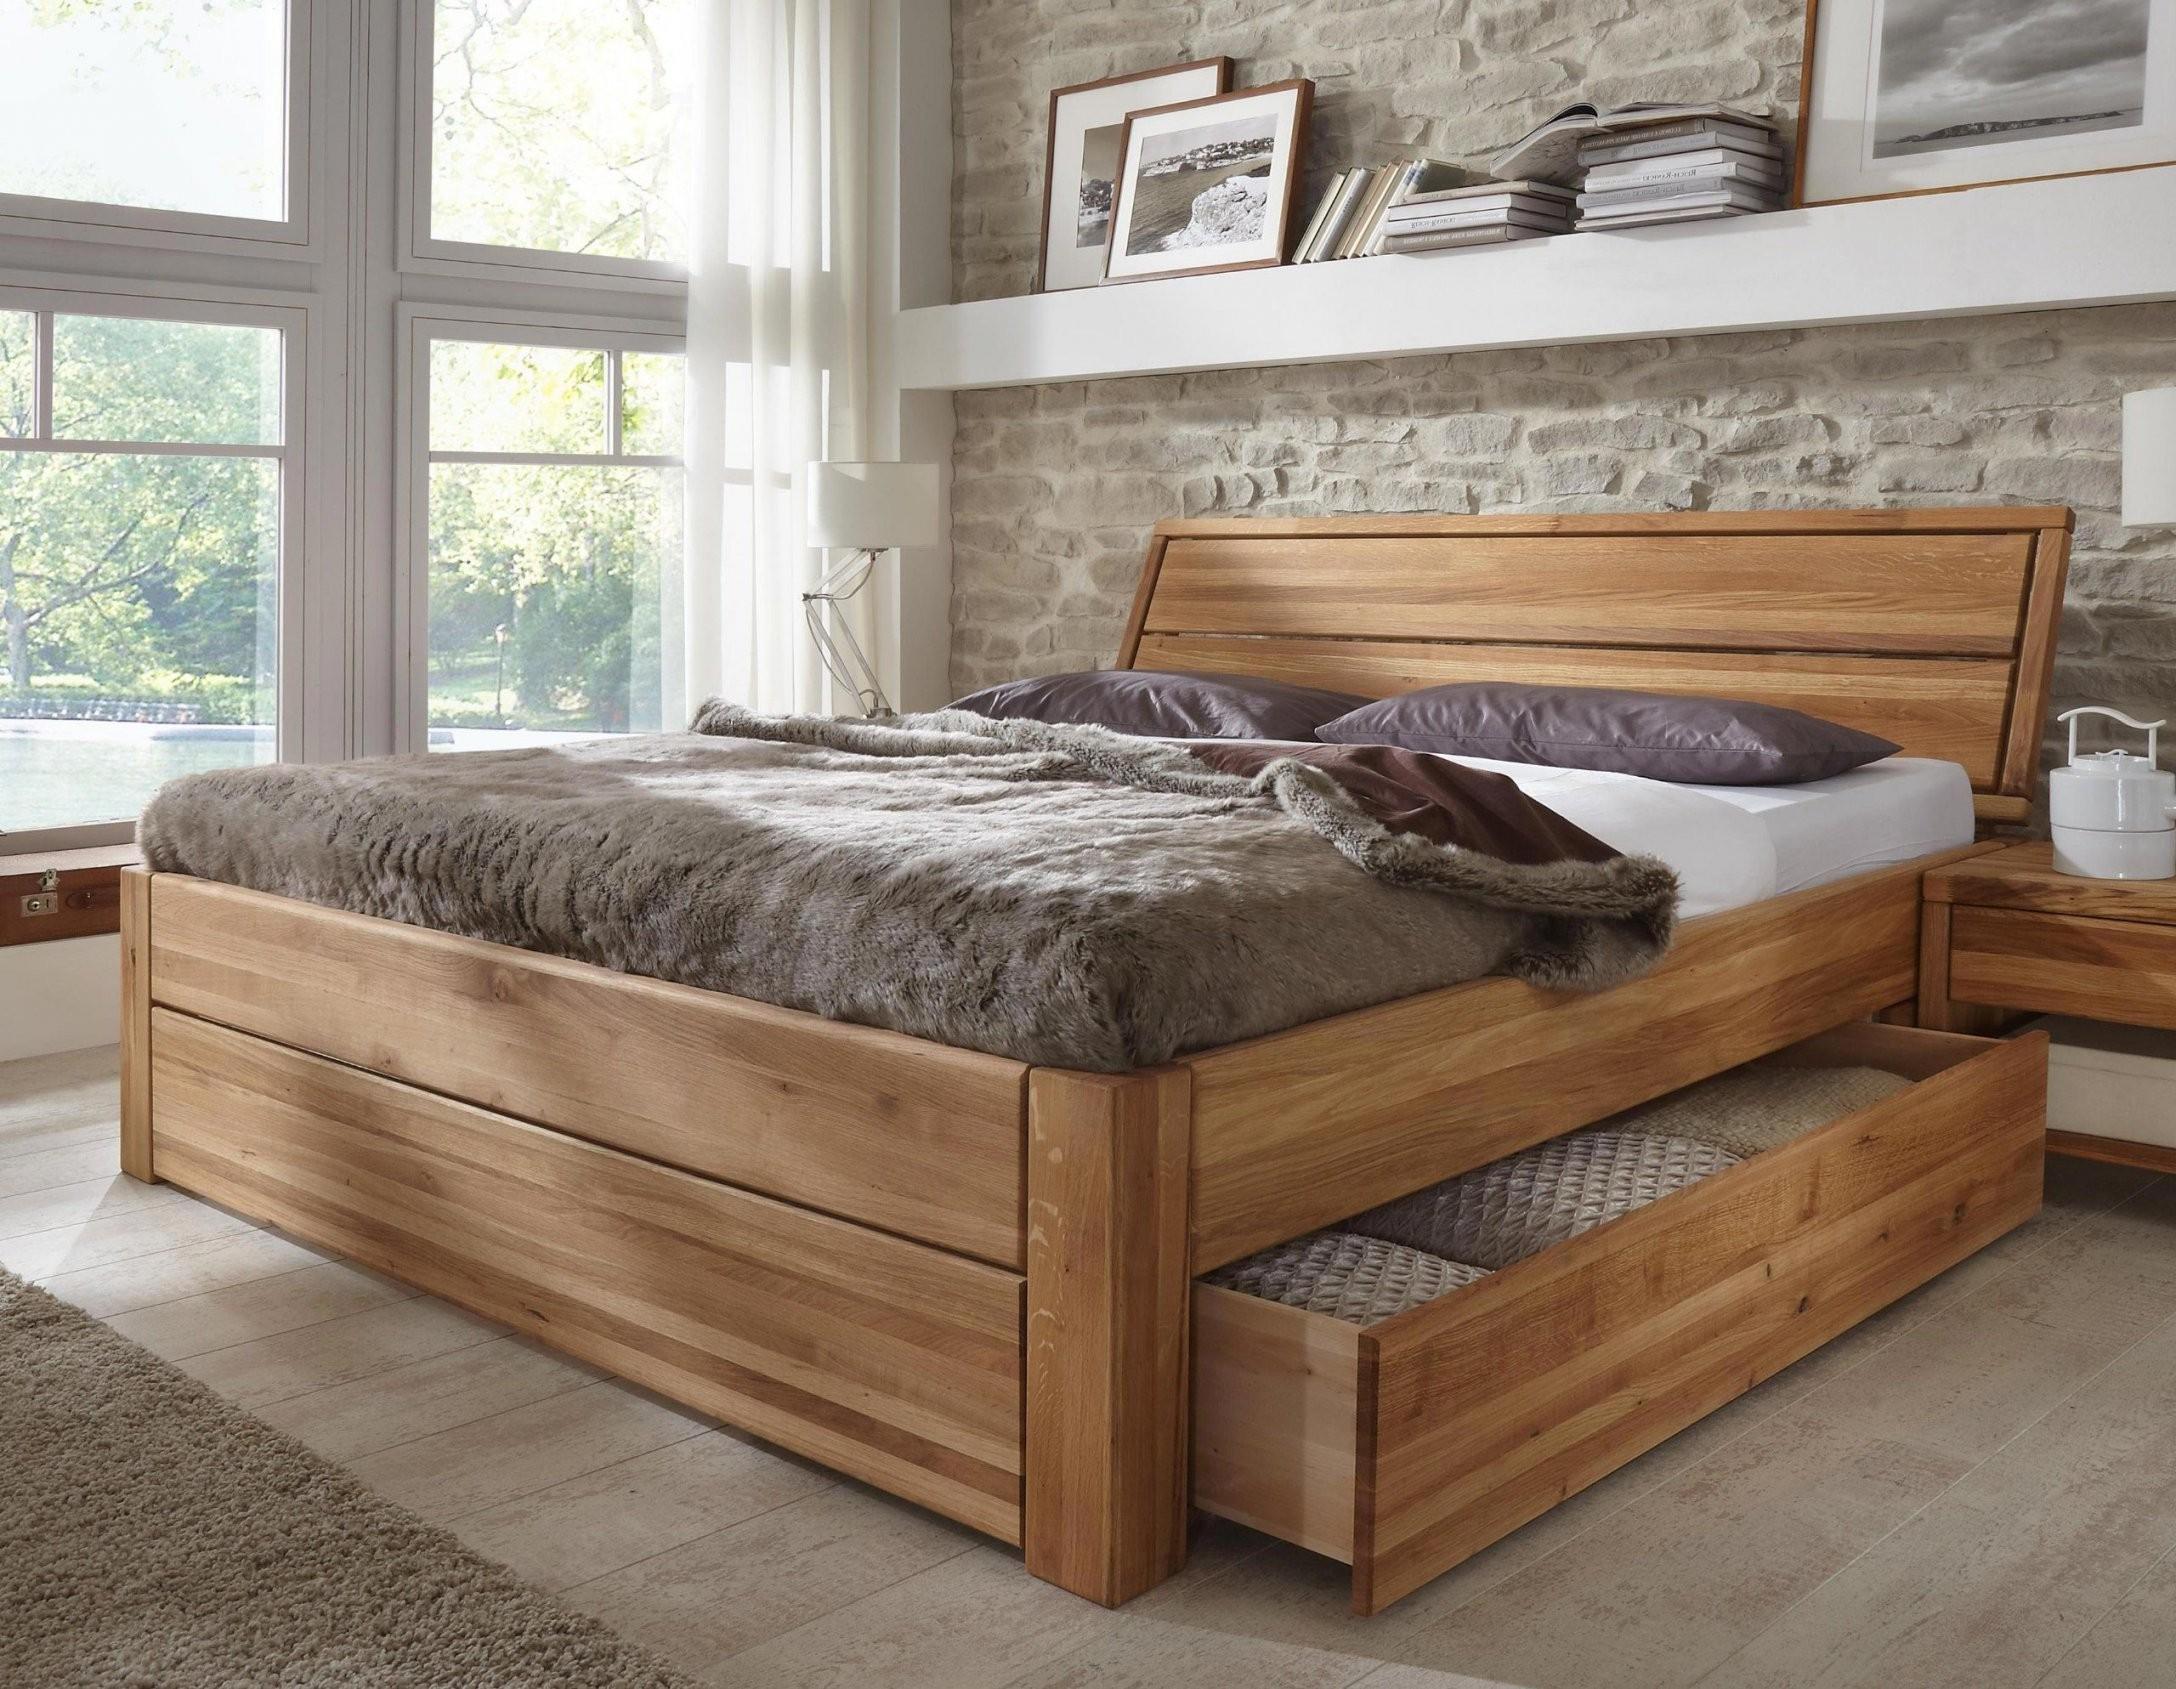 Stilbetten Bett Holzbetten Massivholzbett Tarija Mit Stauraum Eiche von Stauraum Bett 160X200 Photo